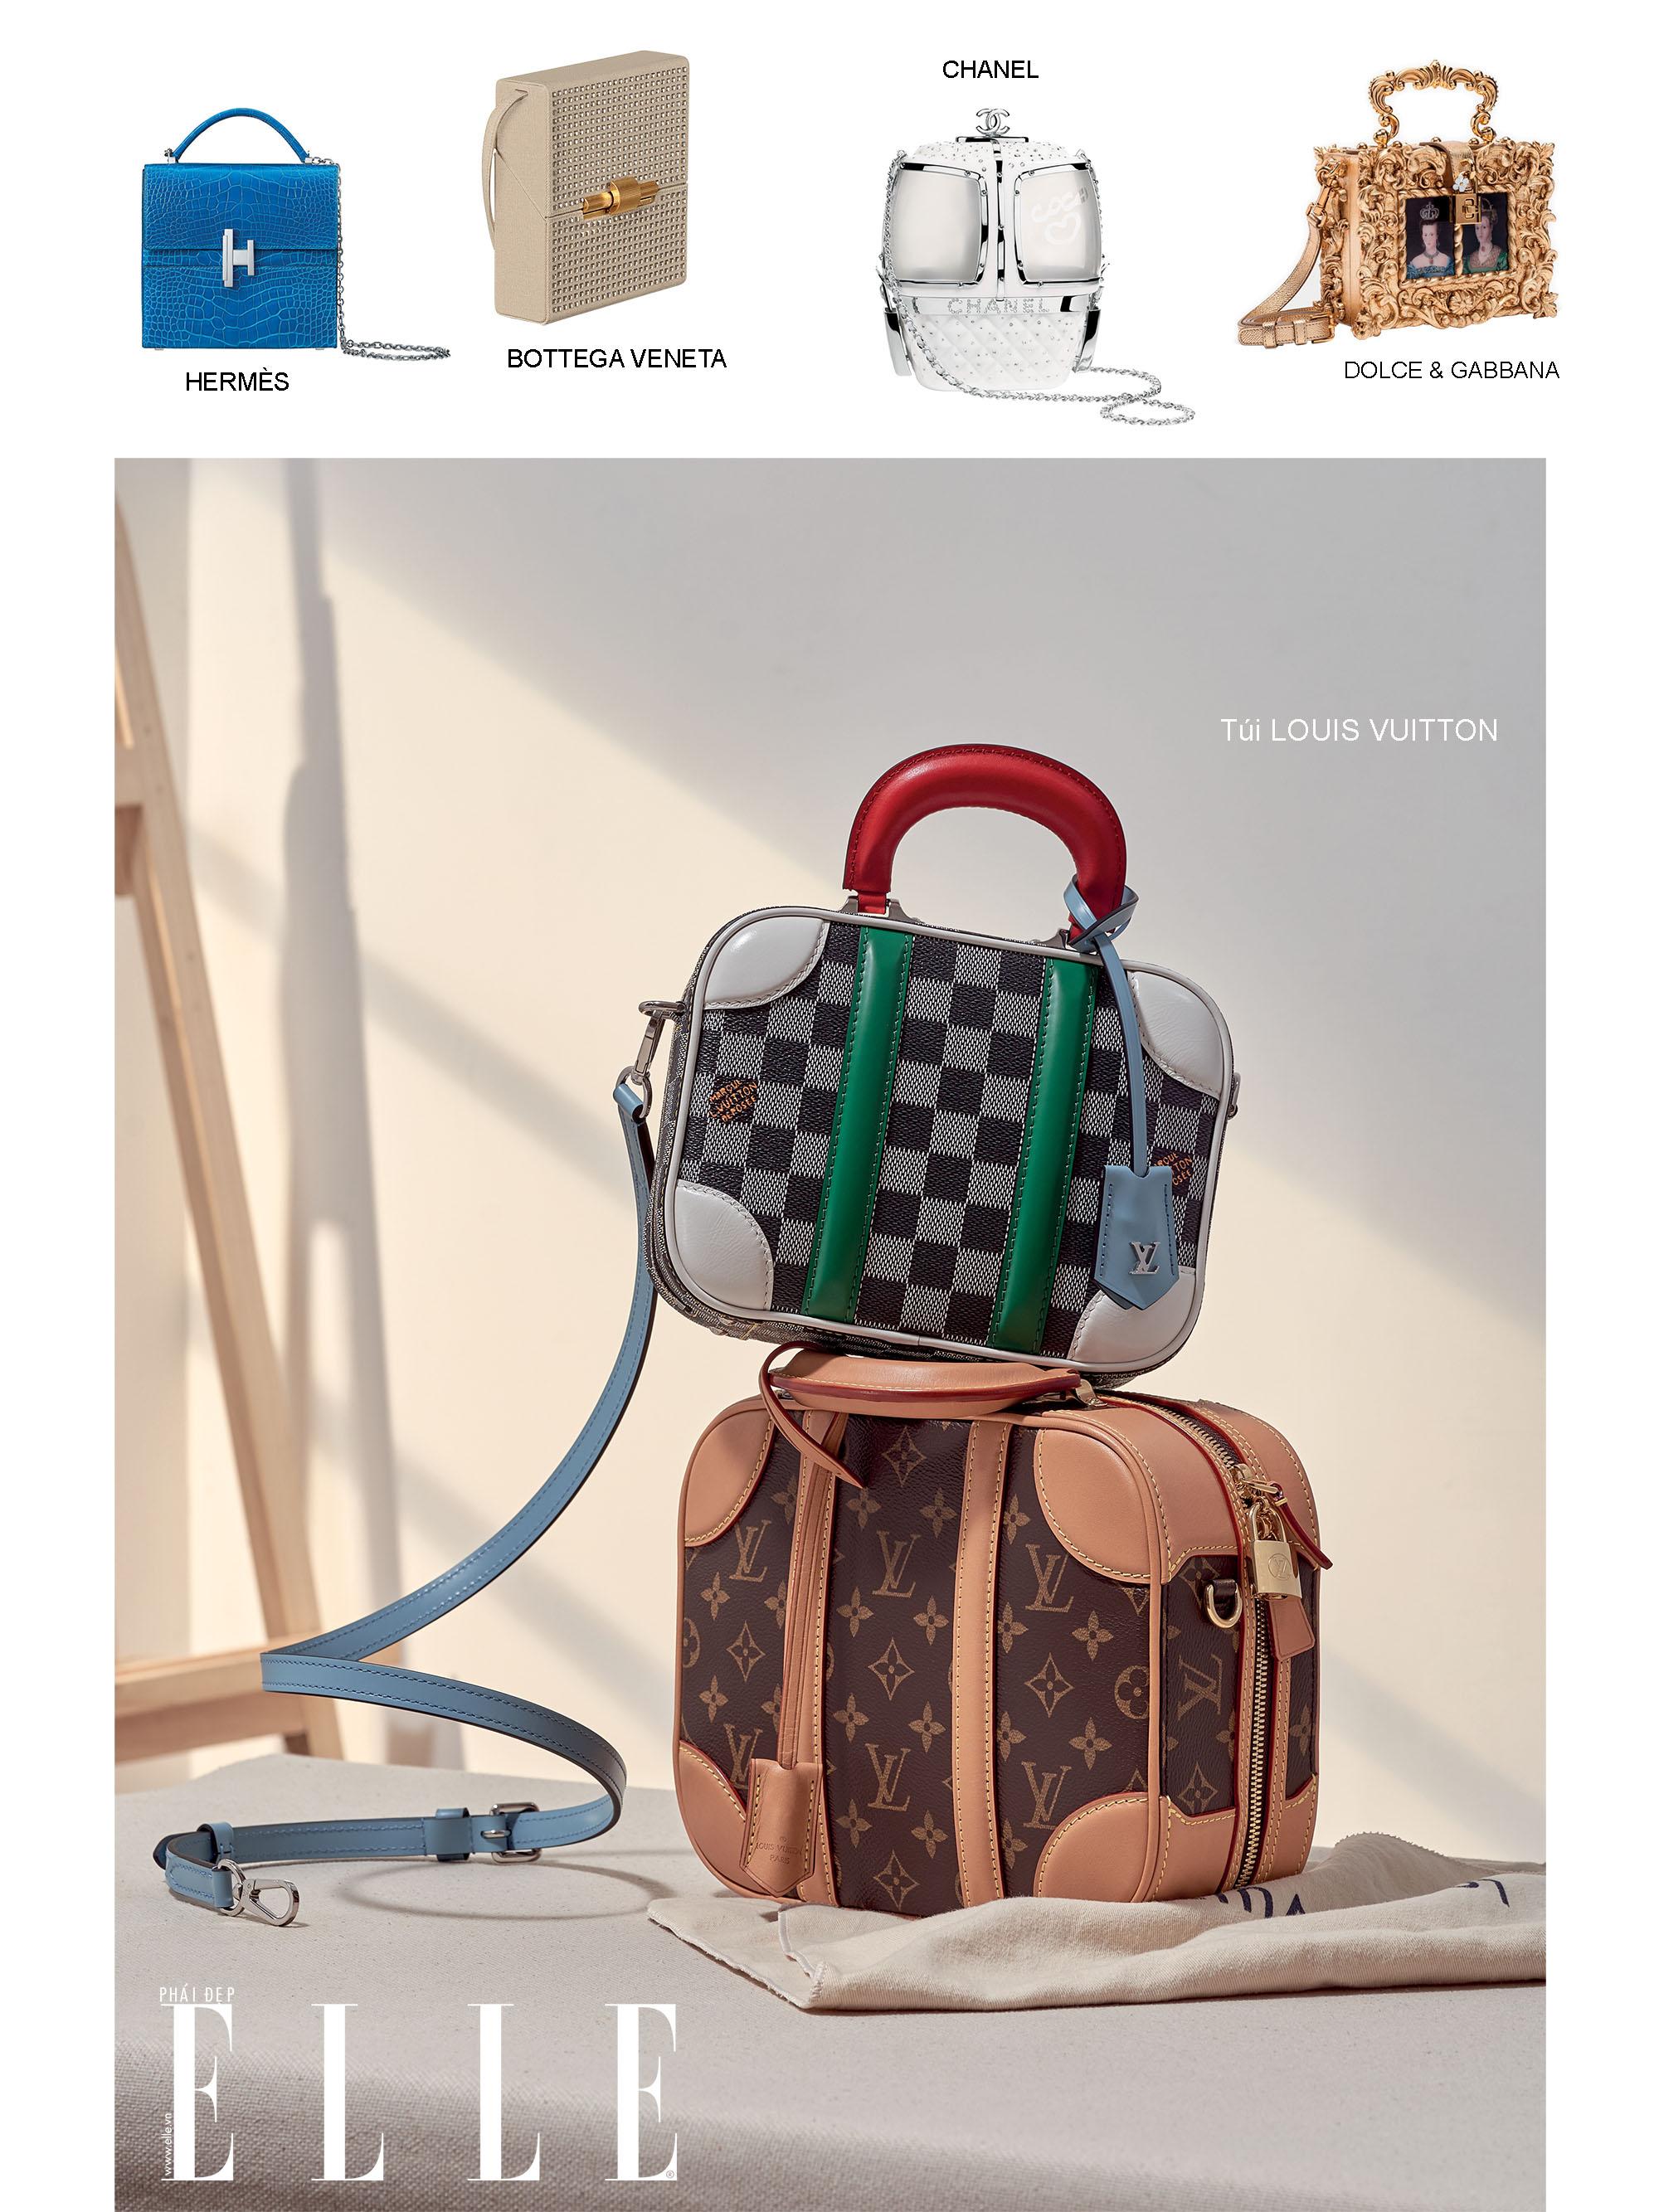 túi xách thiết kế dạng hộp cơ bản